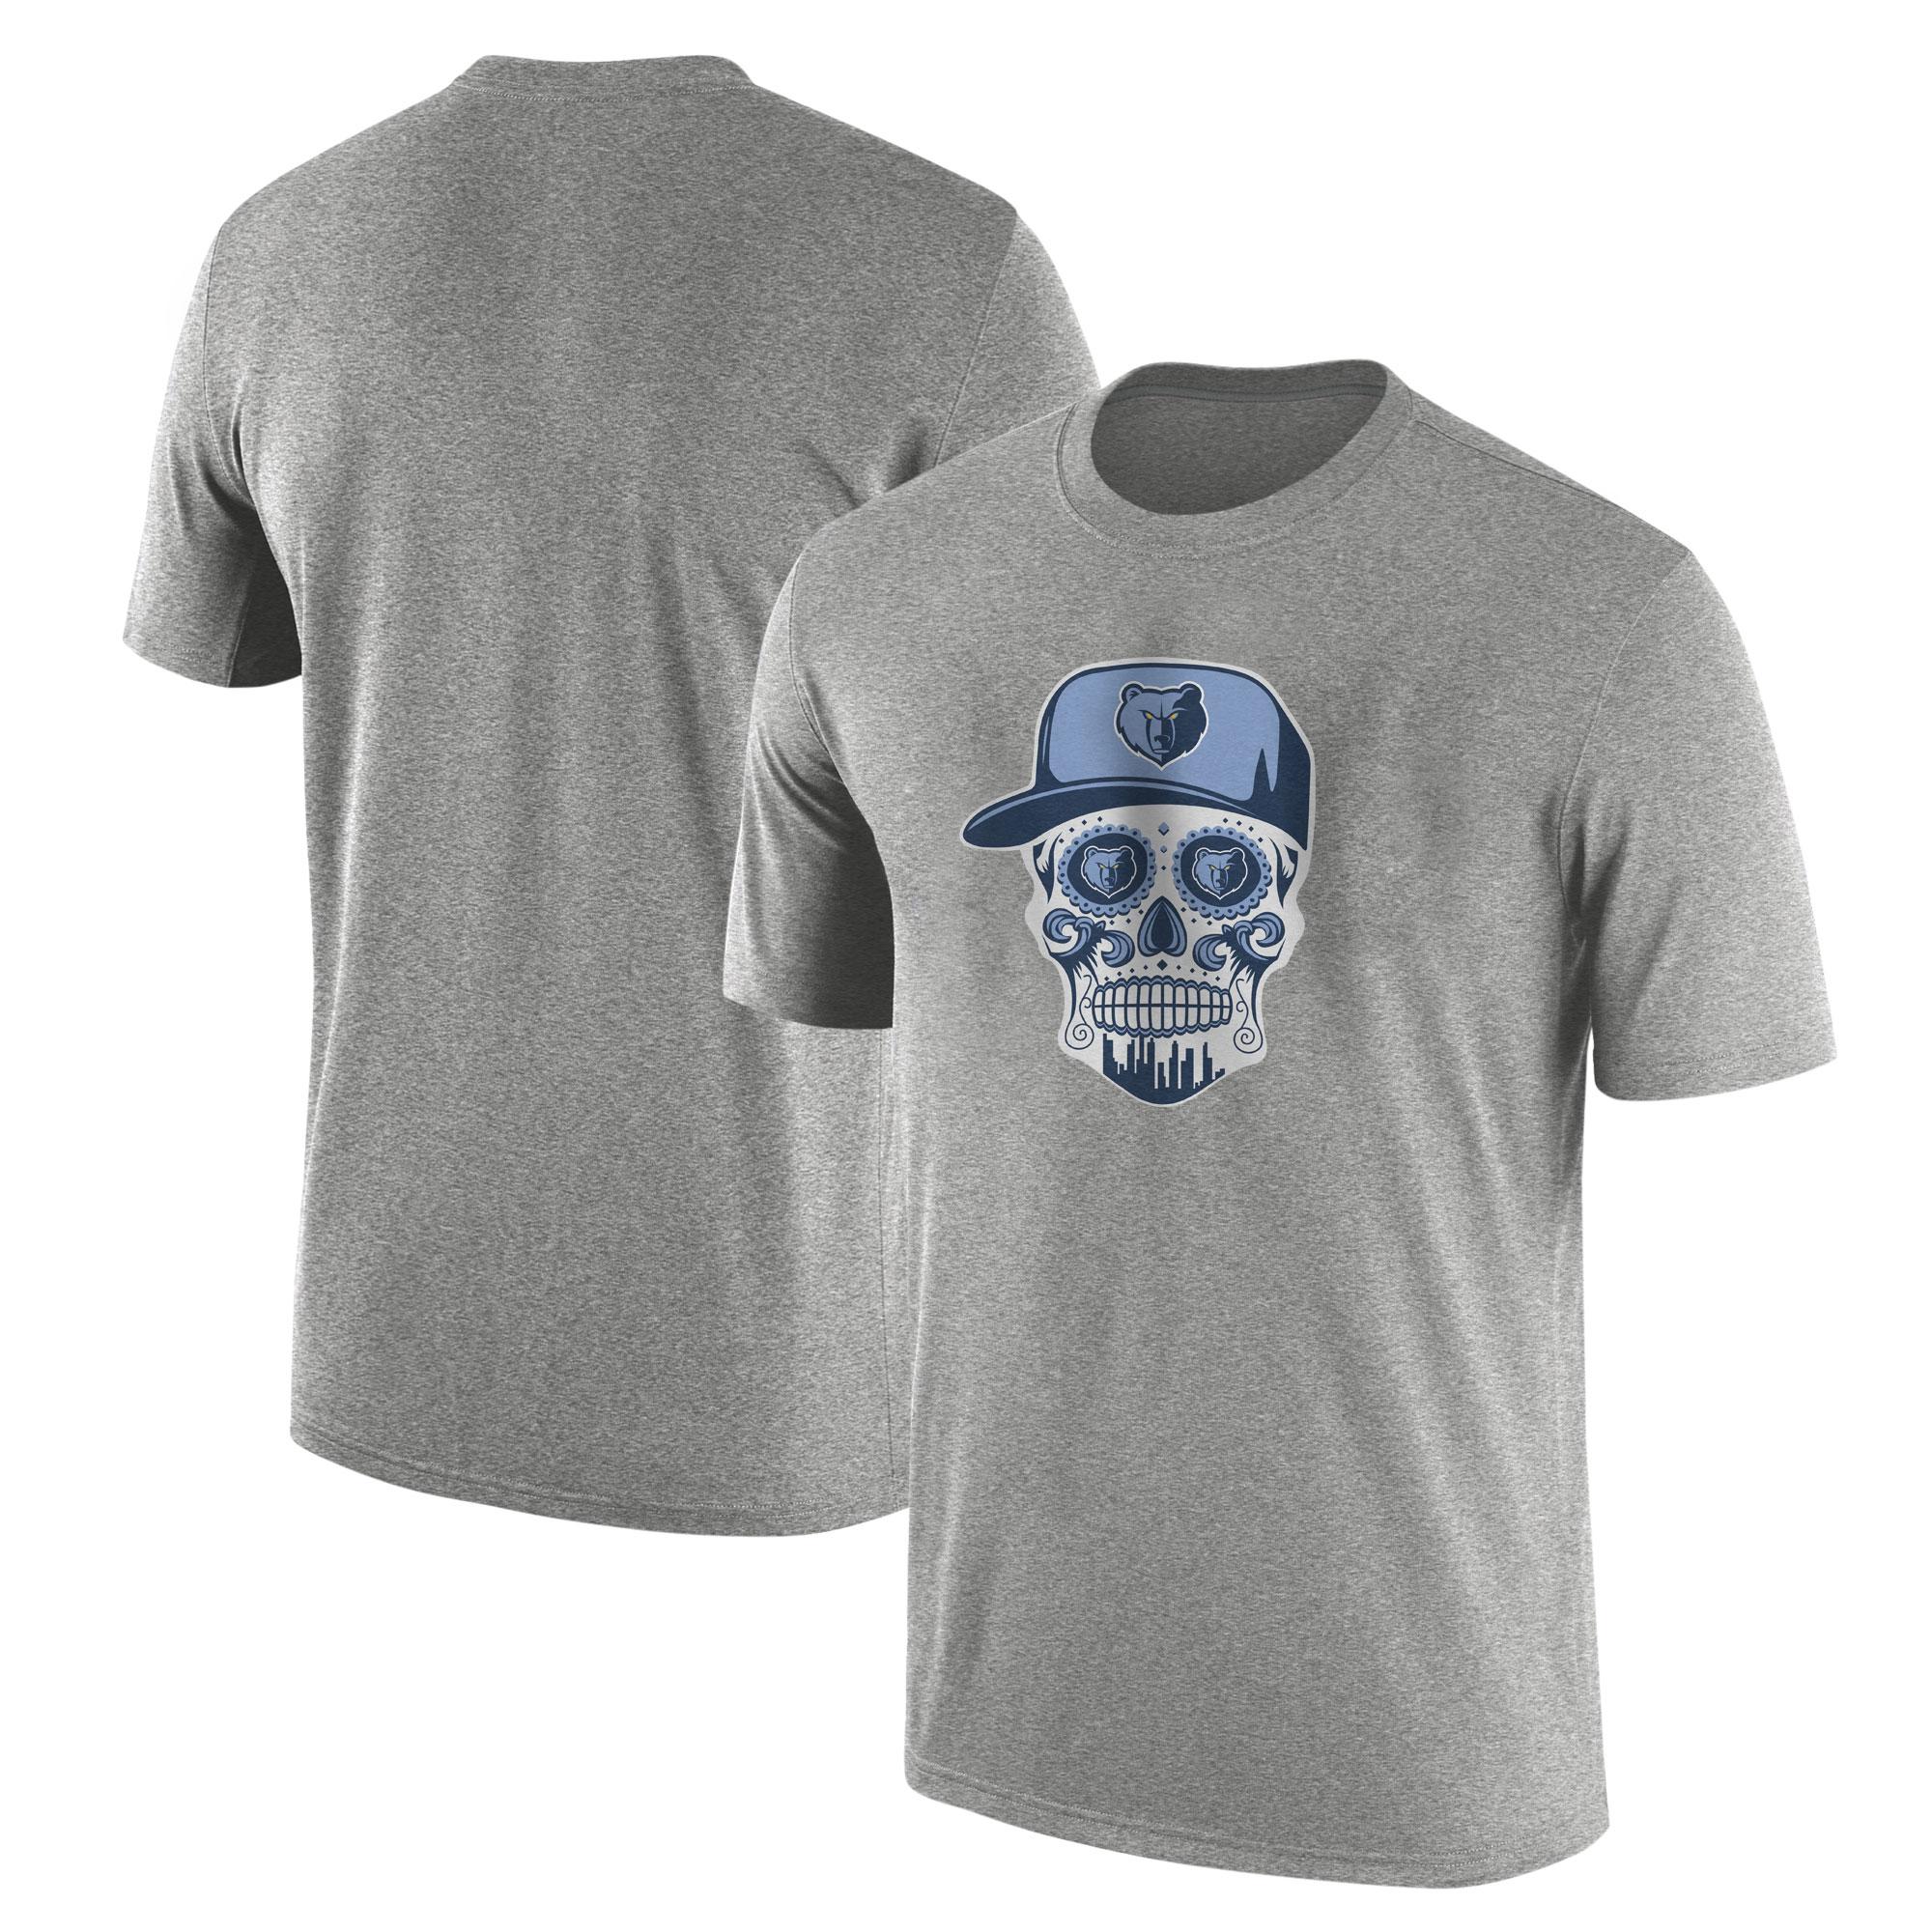 Memphis Skull Tshirt (TSH-GRY-NP-455-NBA-MEM-SKULL)